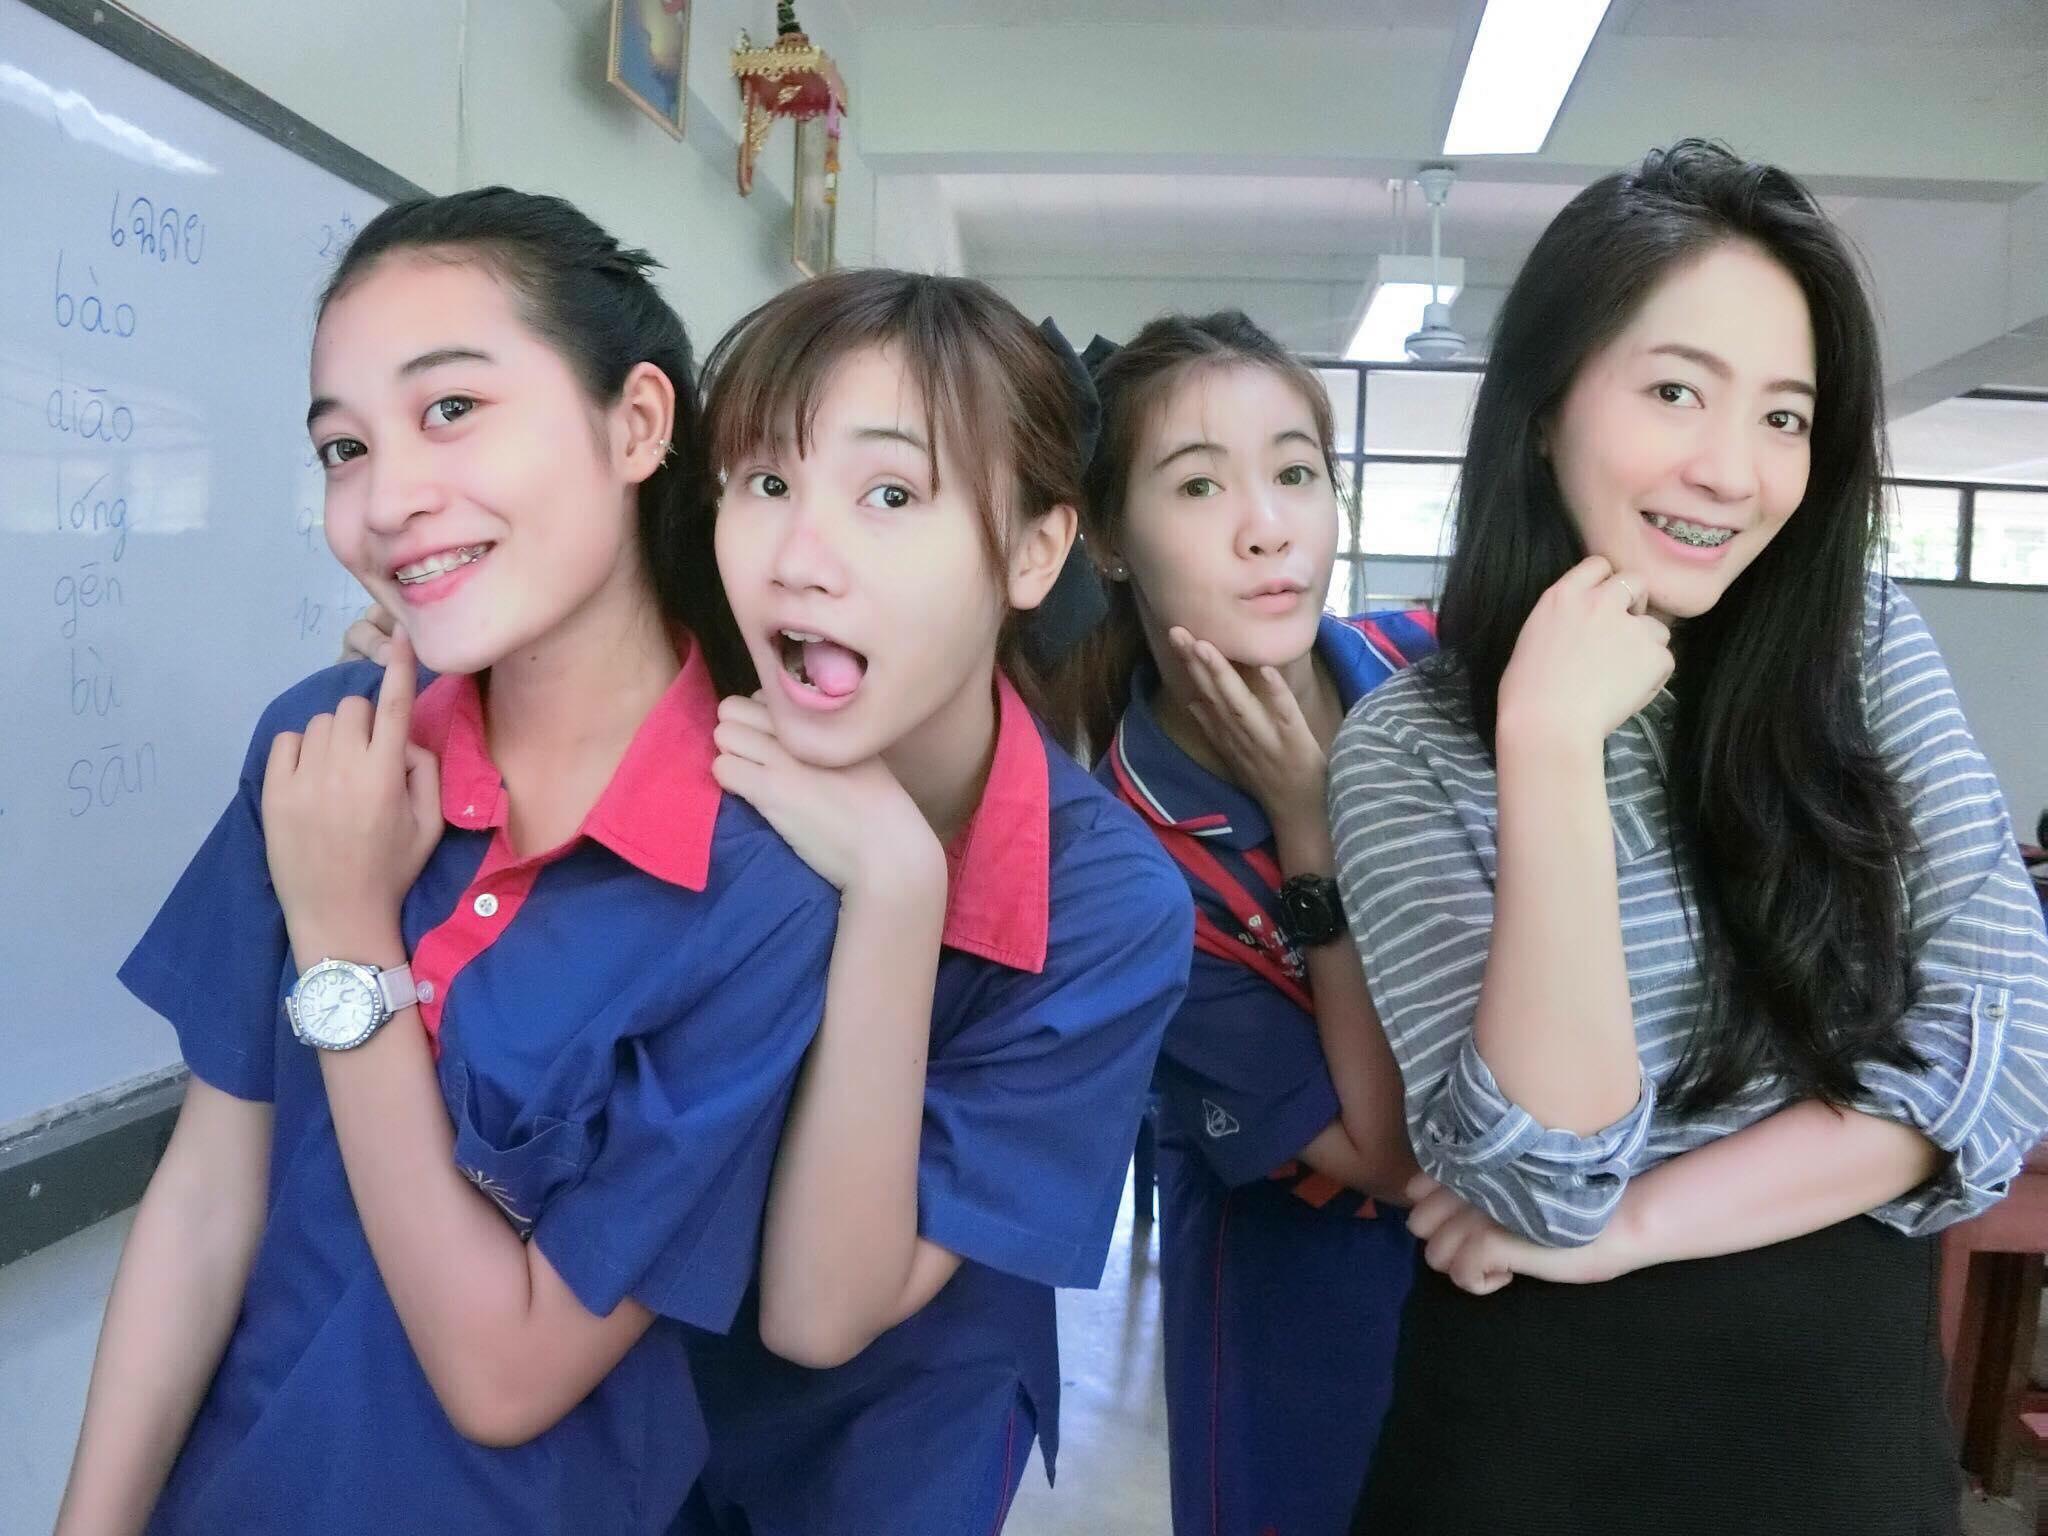 ครูสอนภาษาจีน